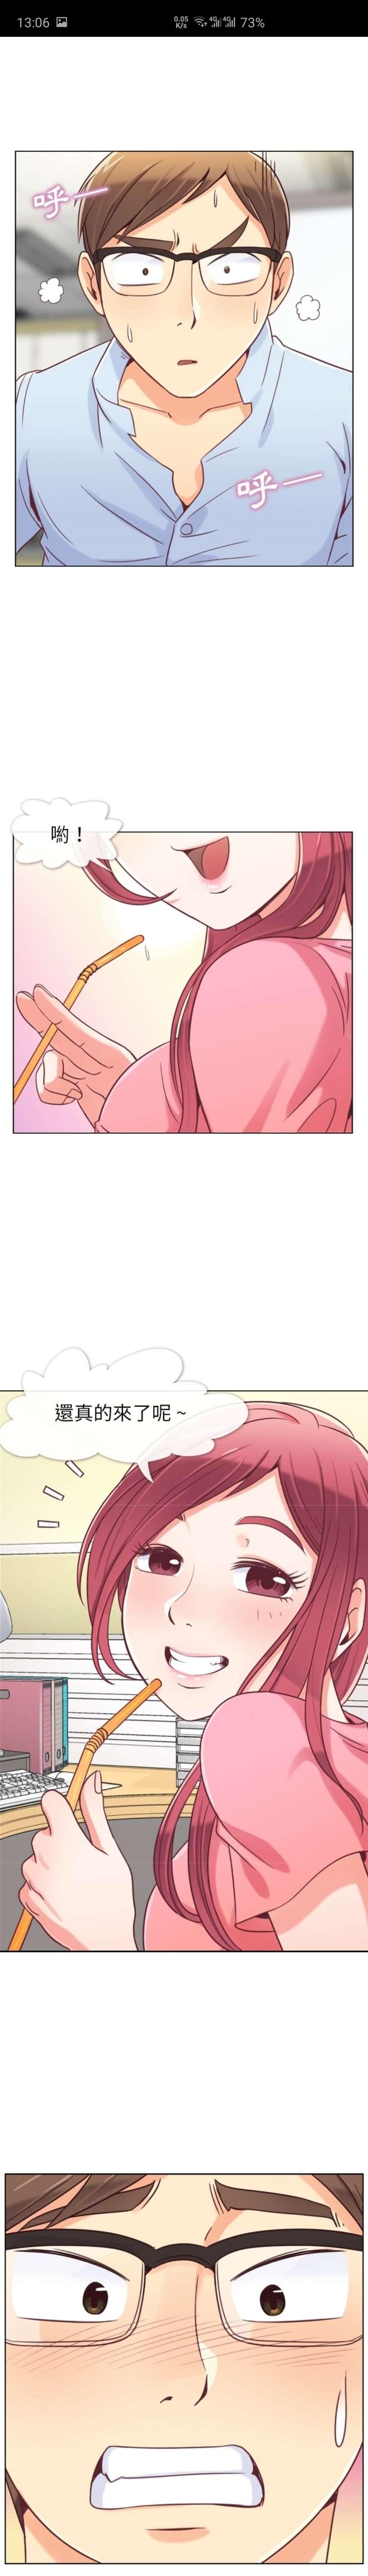 【漫画】♡烦人的班主任-柚妹网